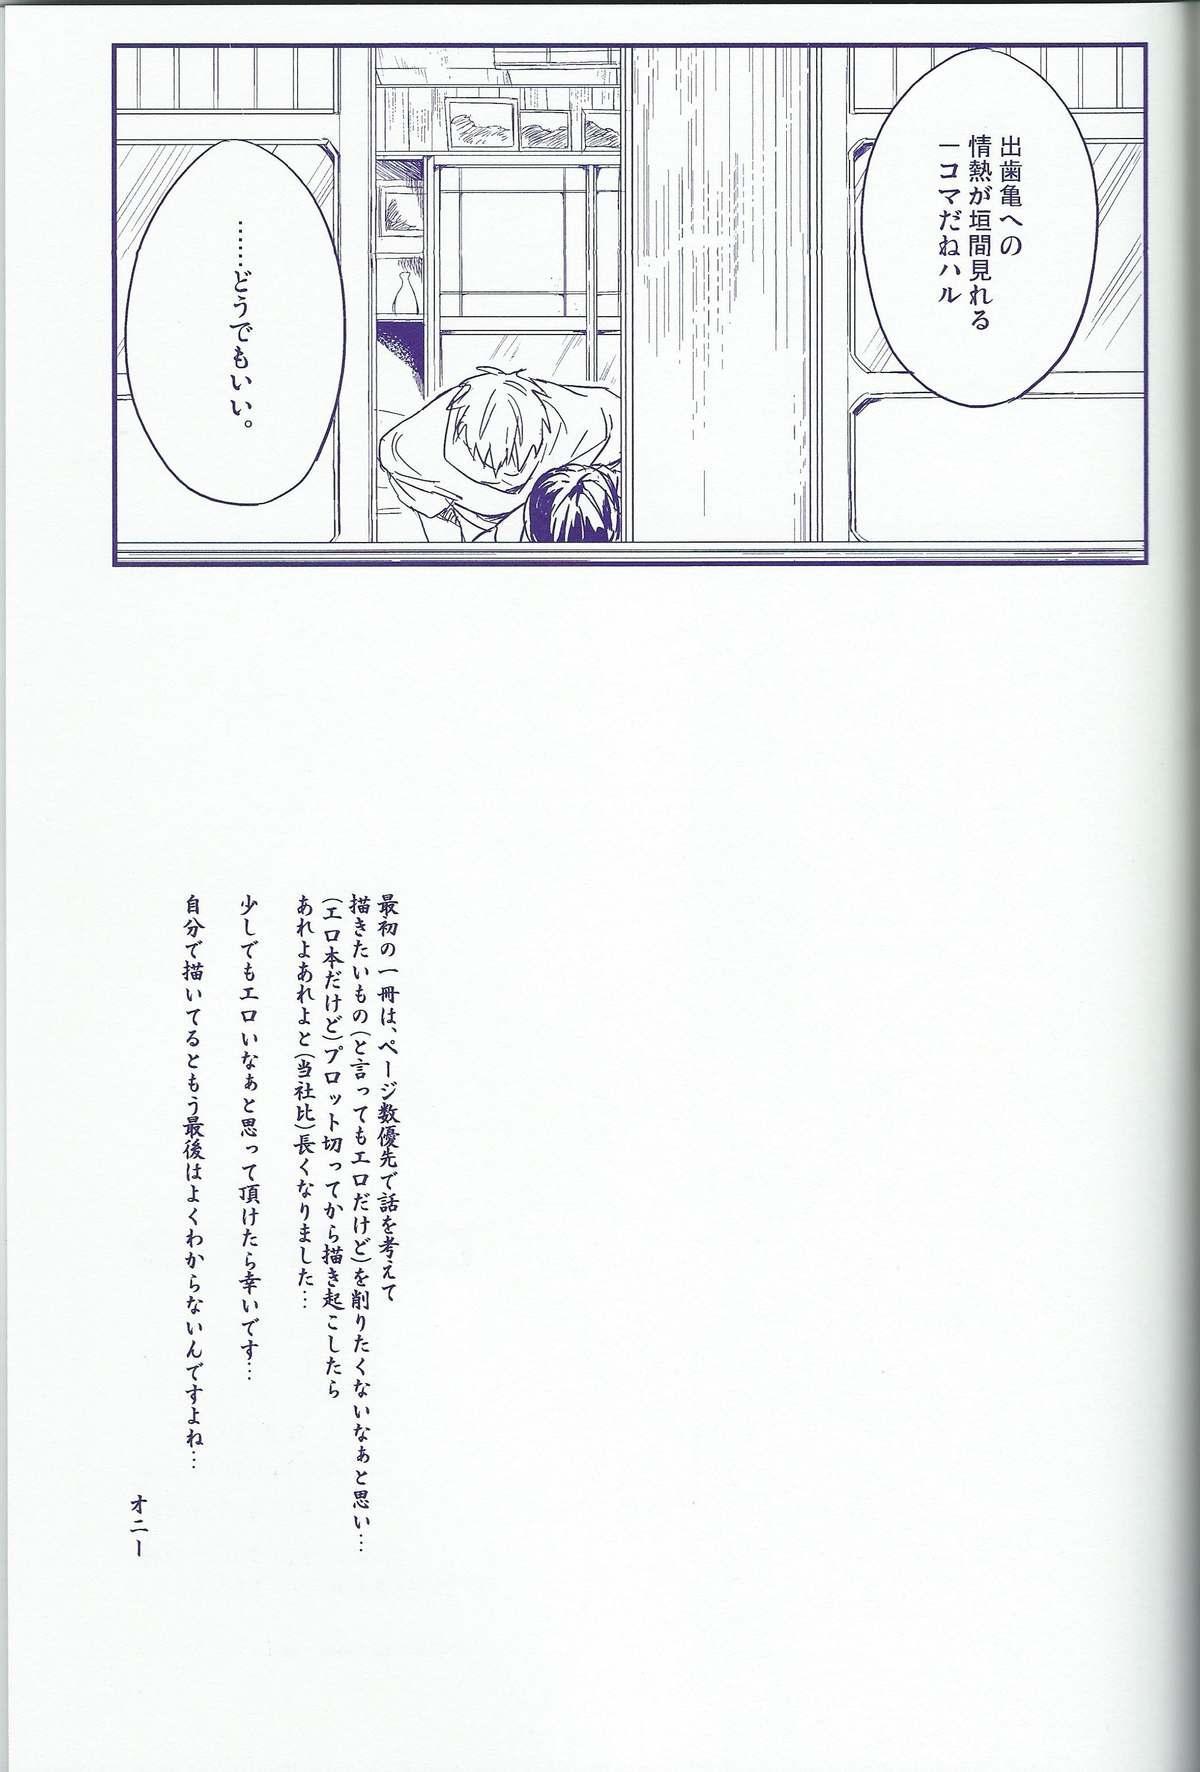 caprice 37